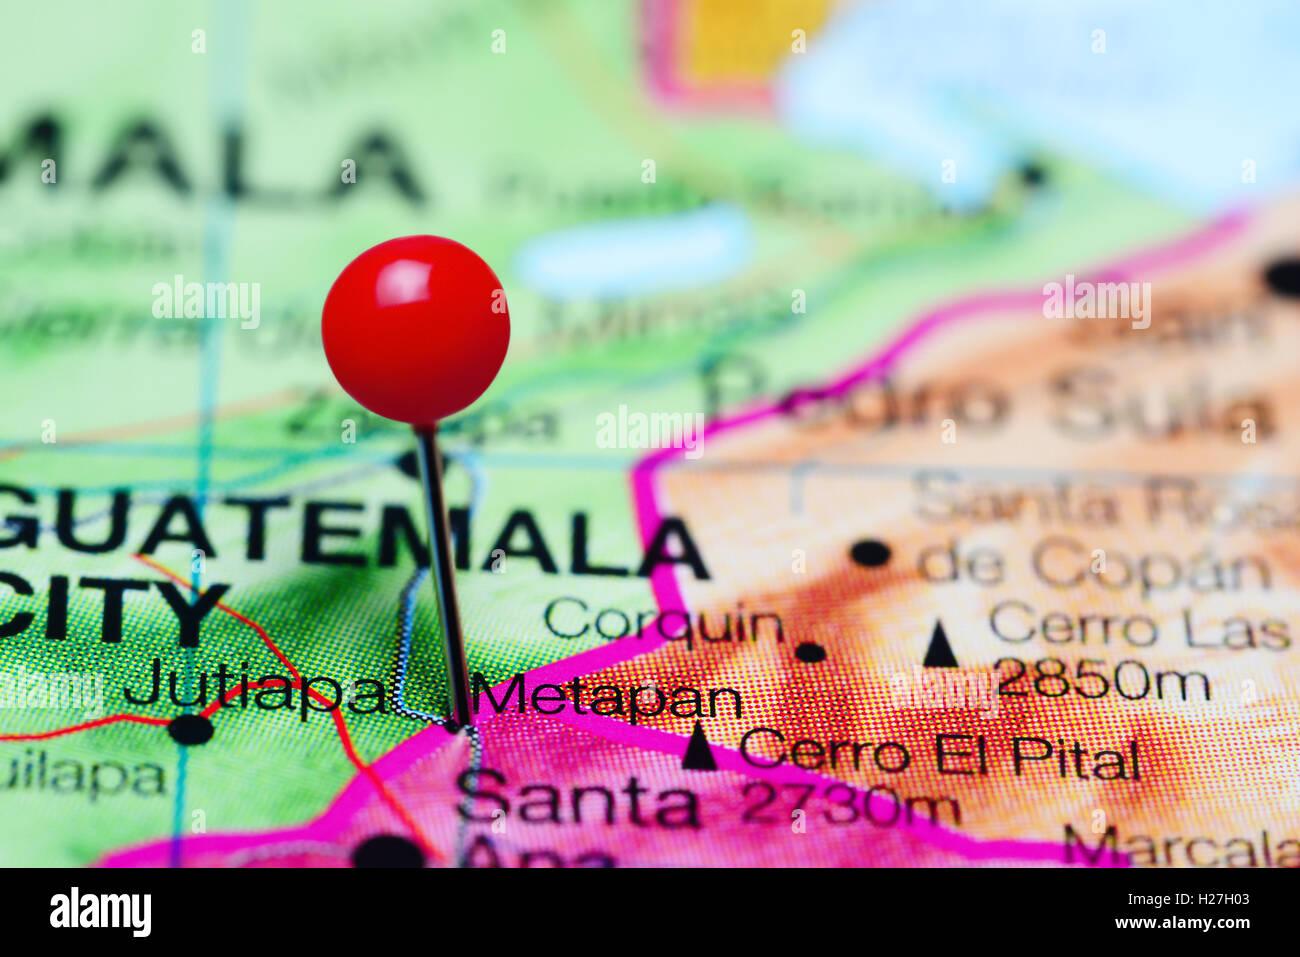 Salvador Maps ecoi net City map